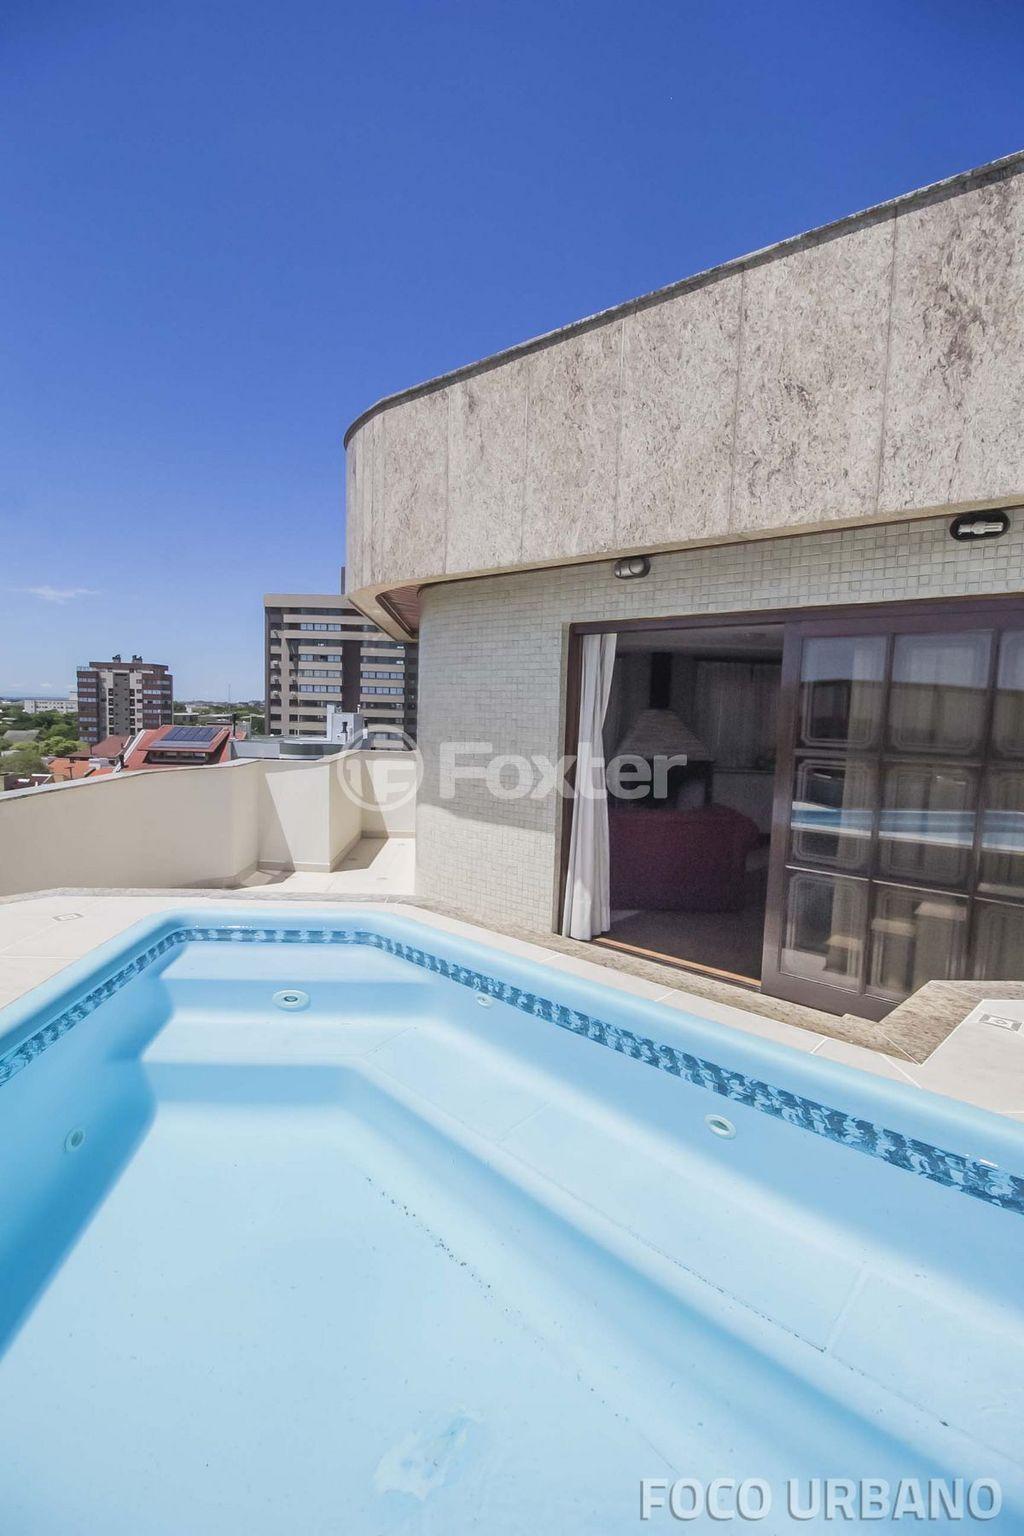 Foxter Imobiliária - Cobertura 3 Dorm (135857) - Foto 30